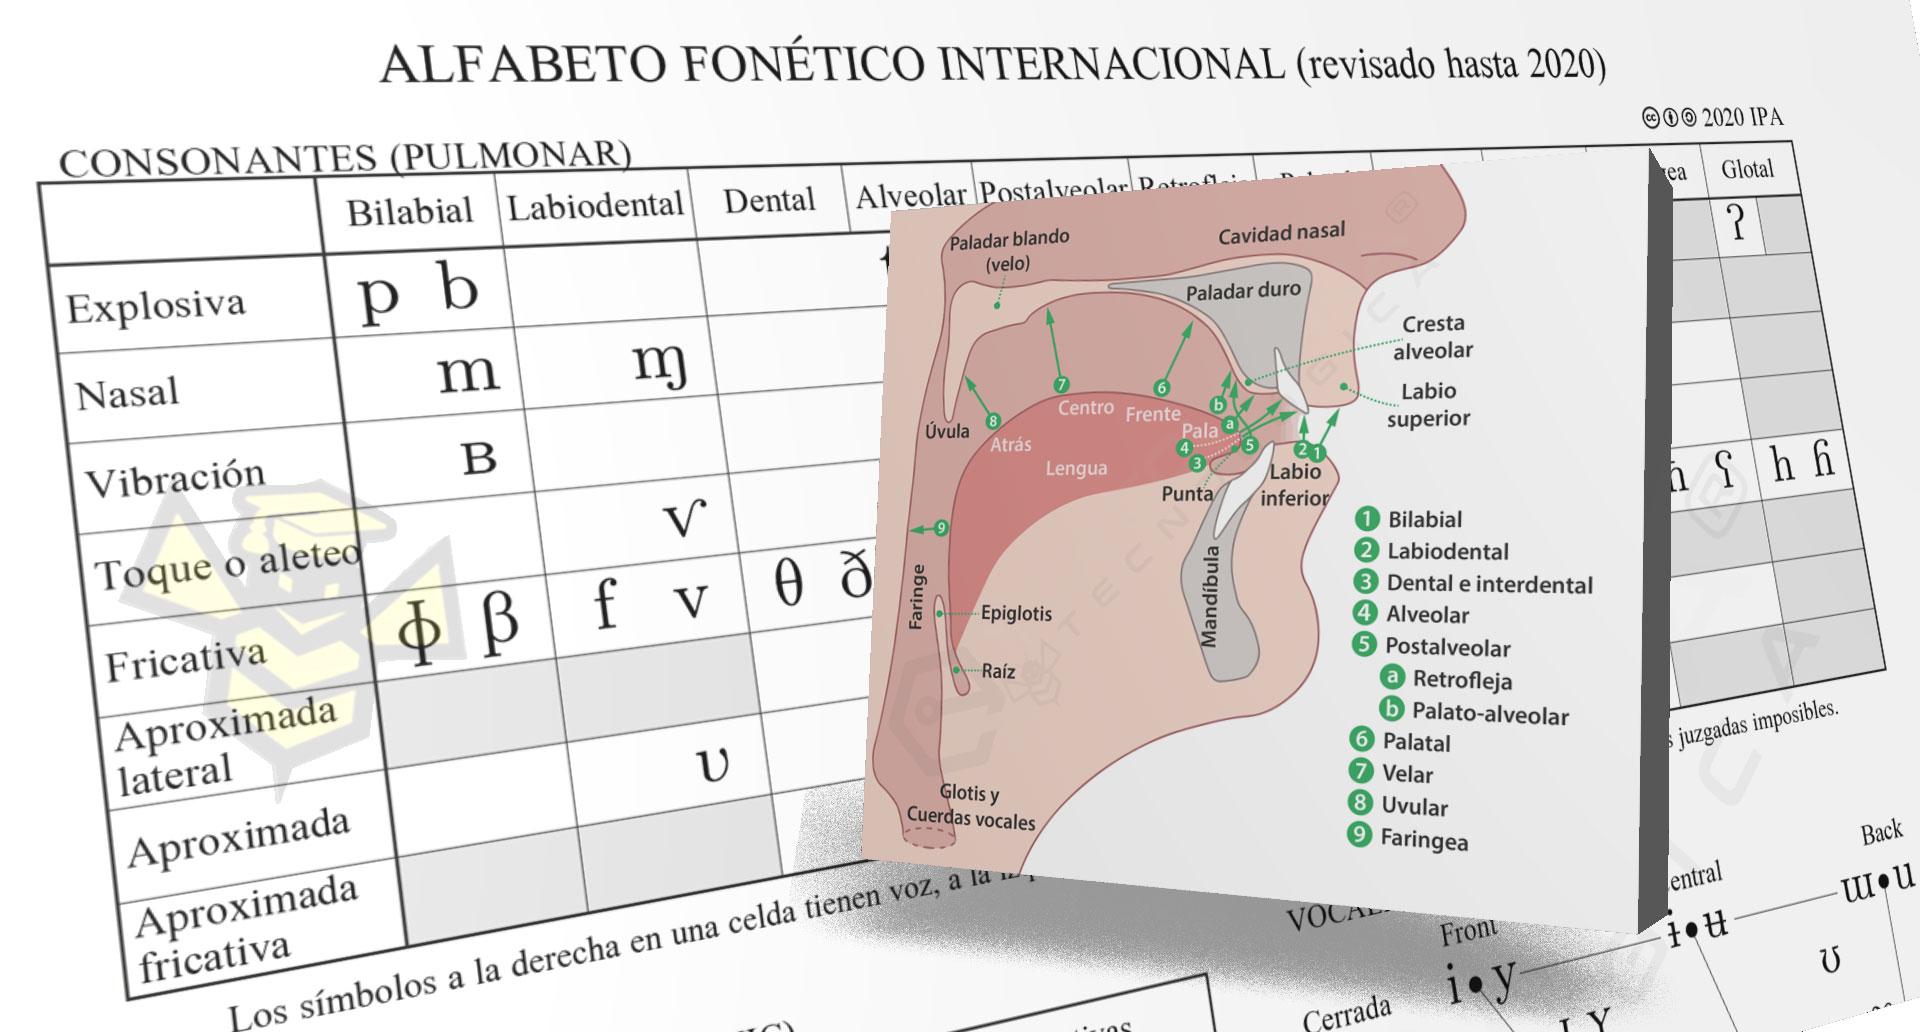 Alfabeto Fonético Internacional (IPA) en Español